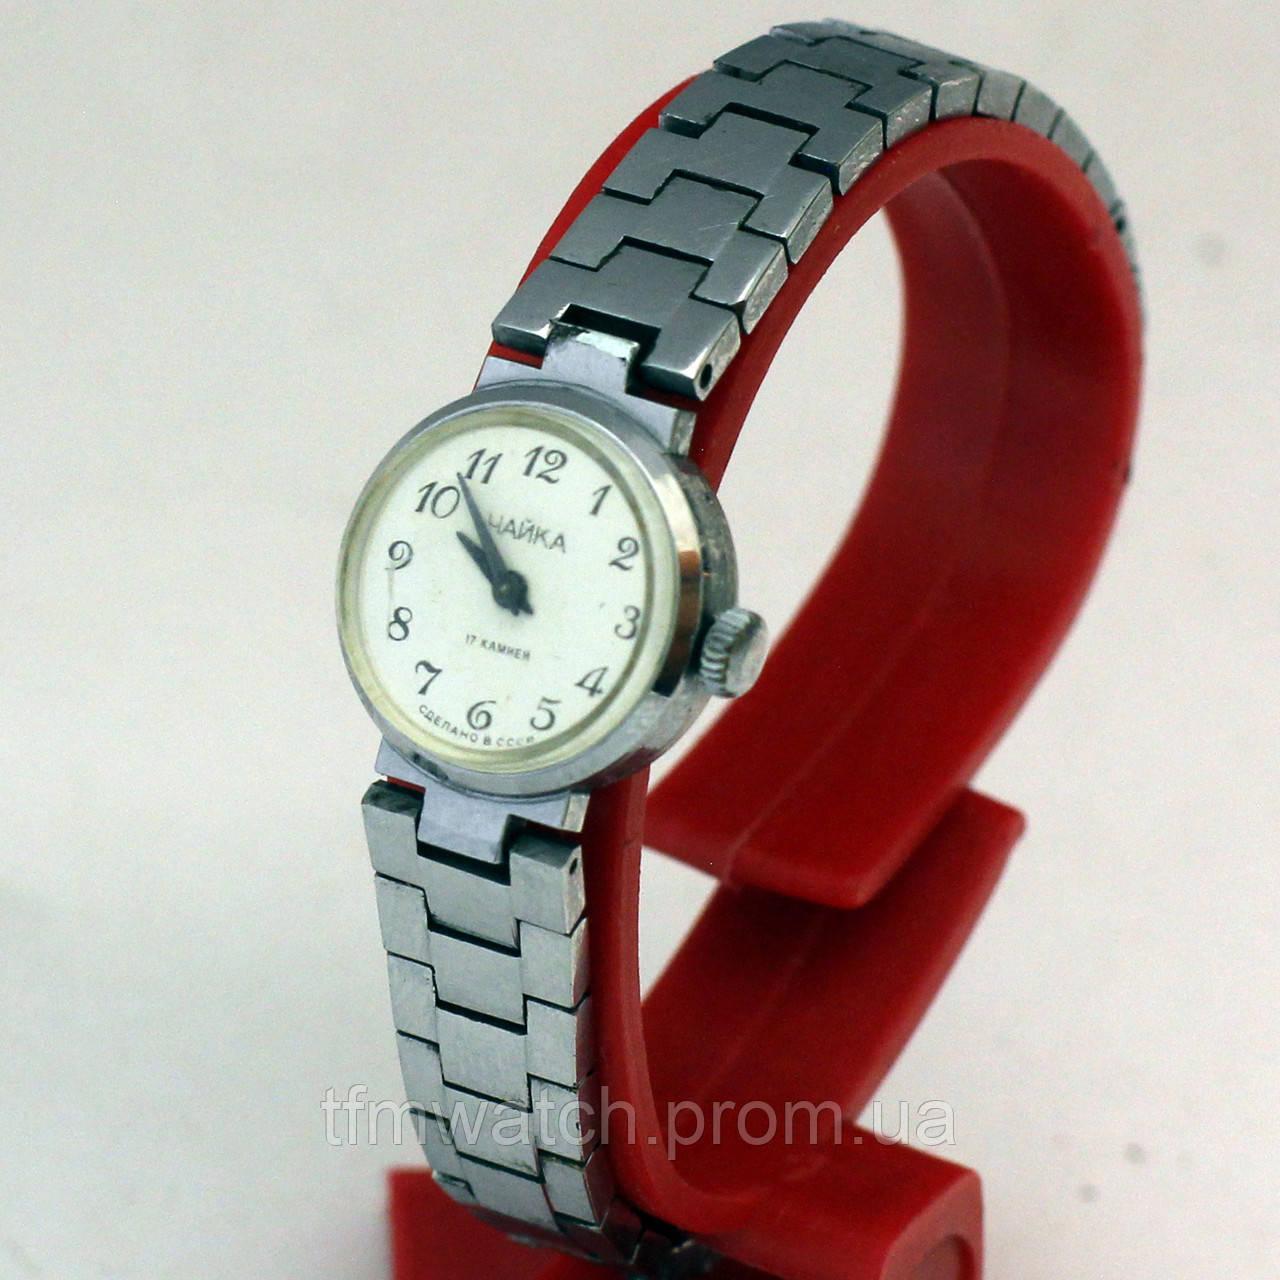 Час женские российского производства купить наручные часы газпромбанка